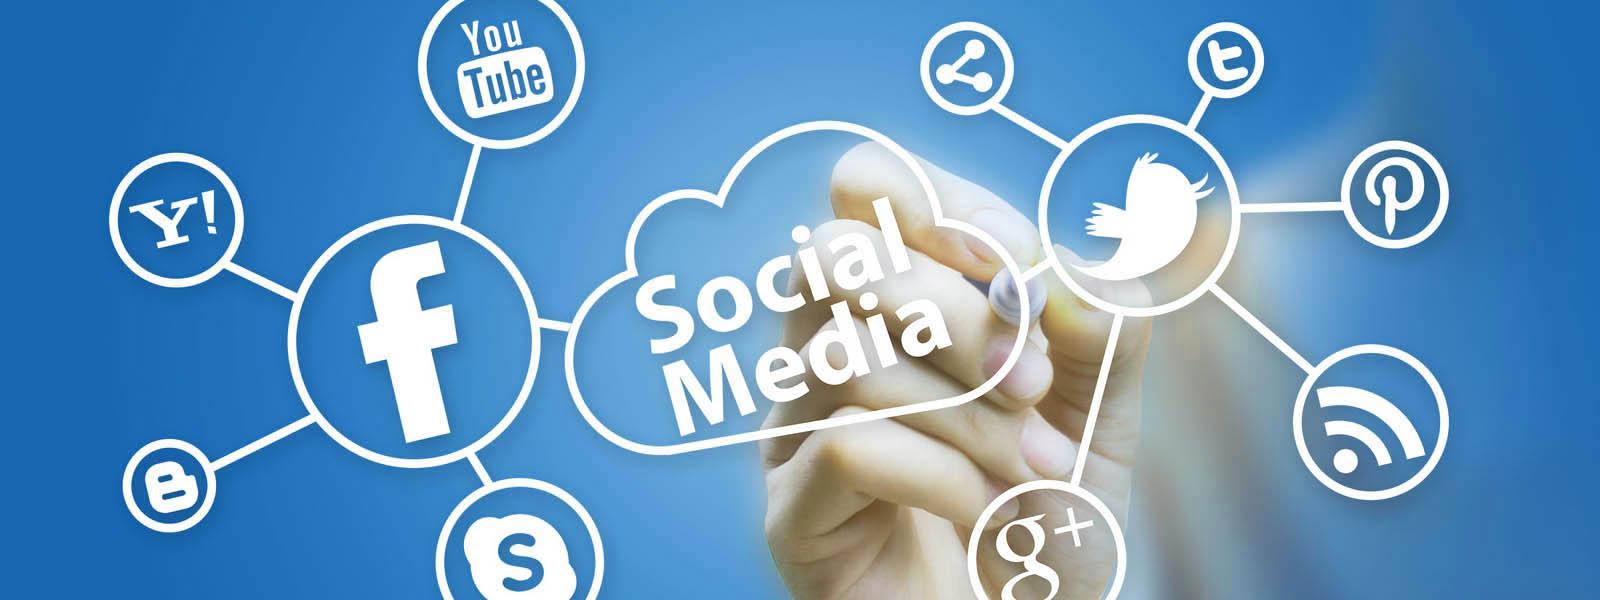 digital marketing services Kuwait